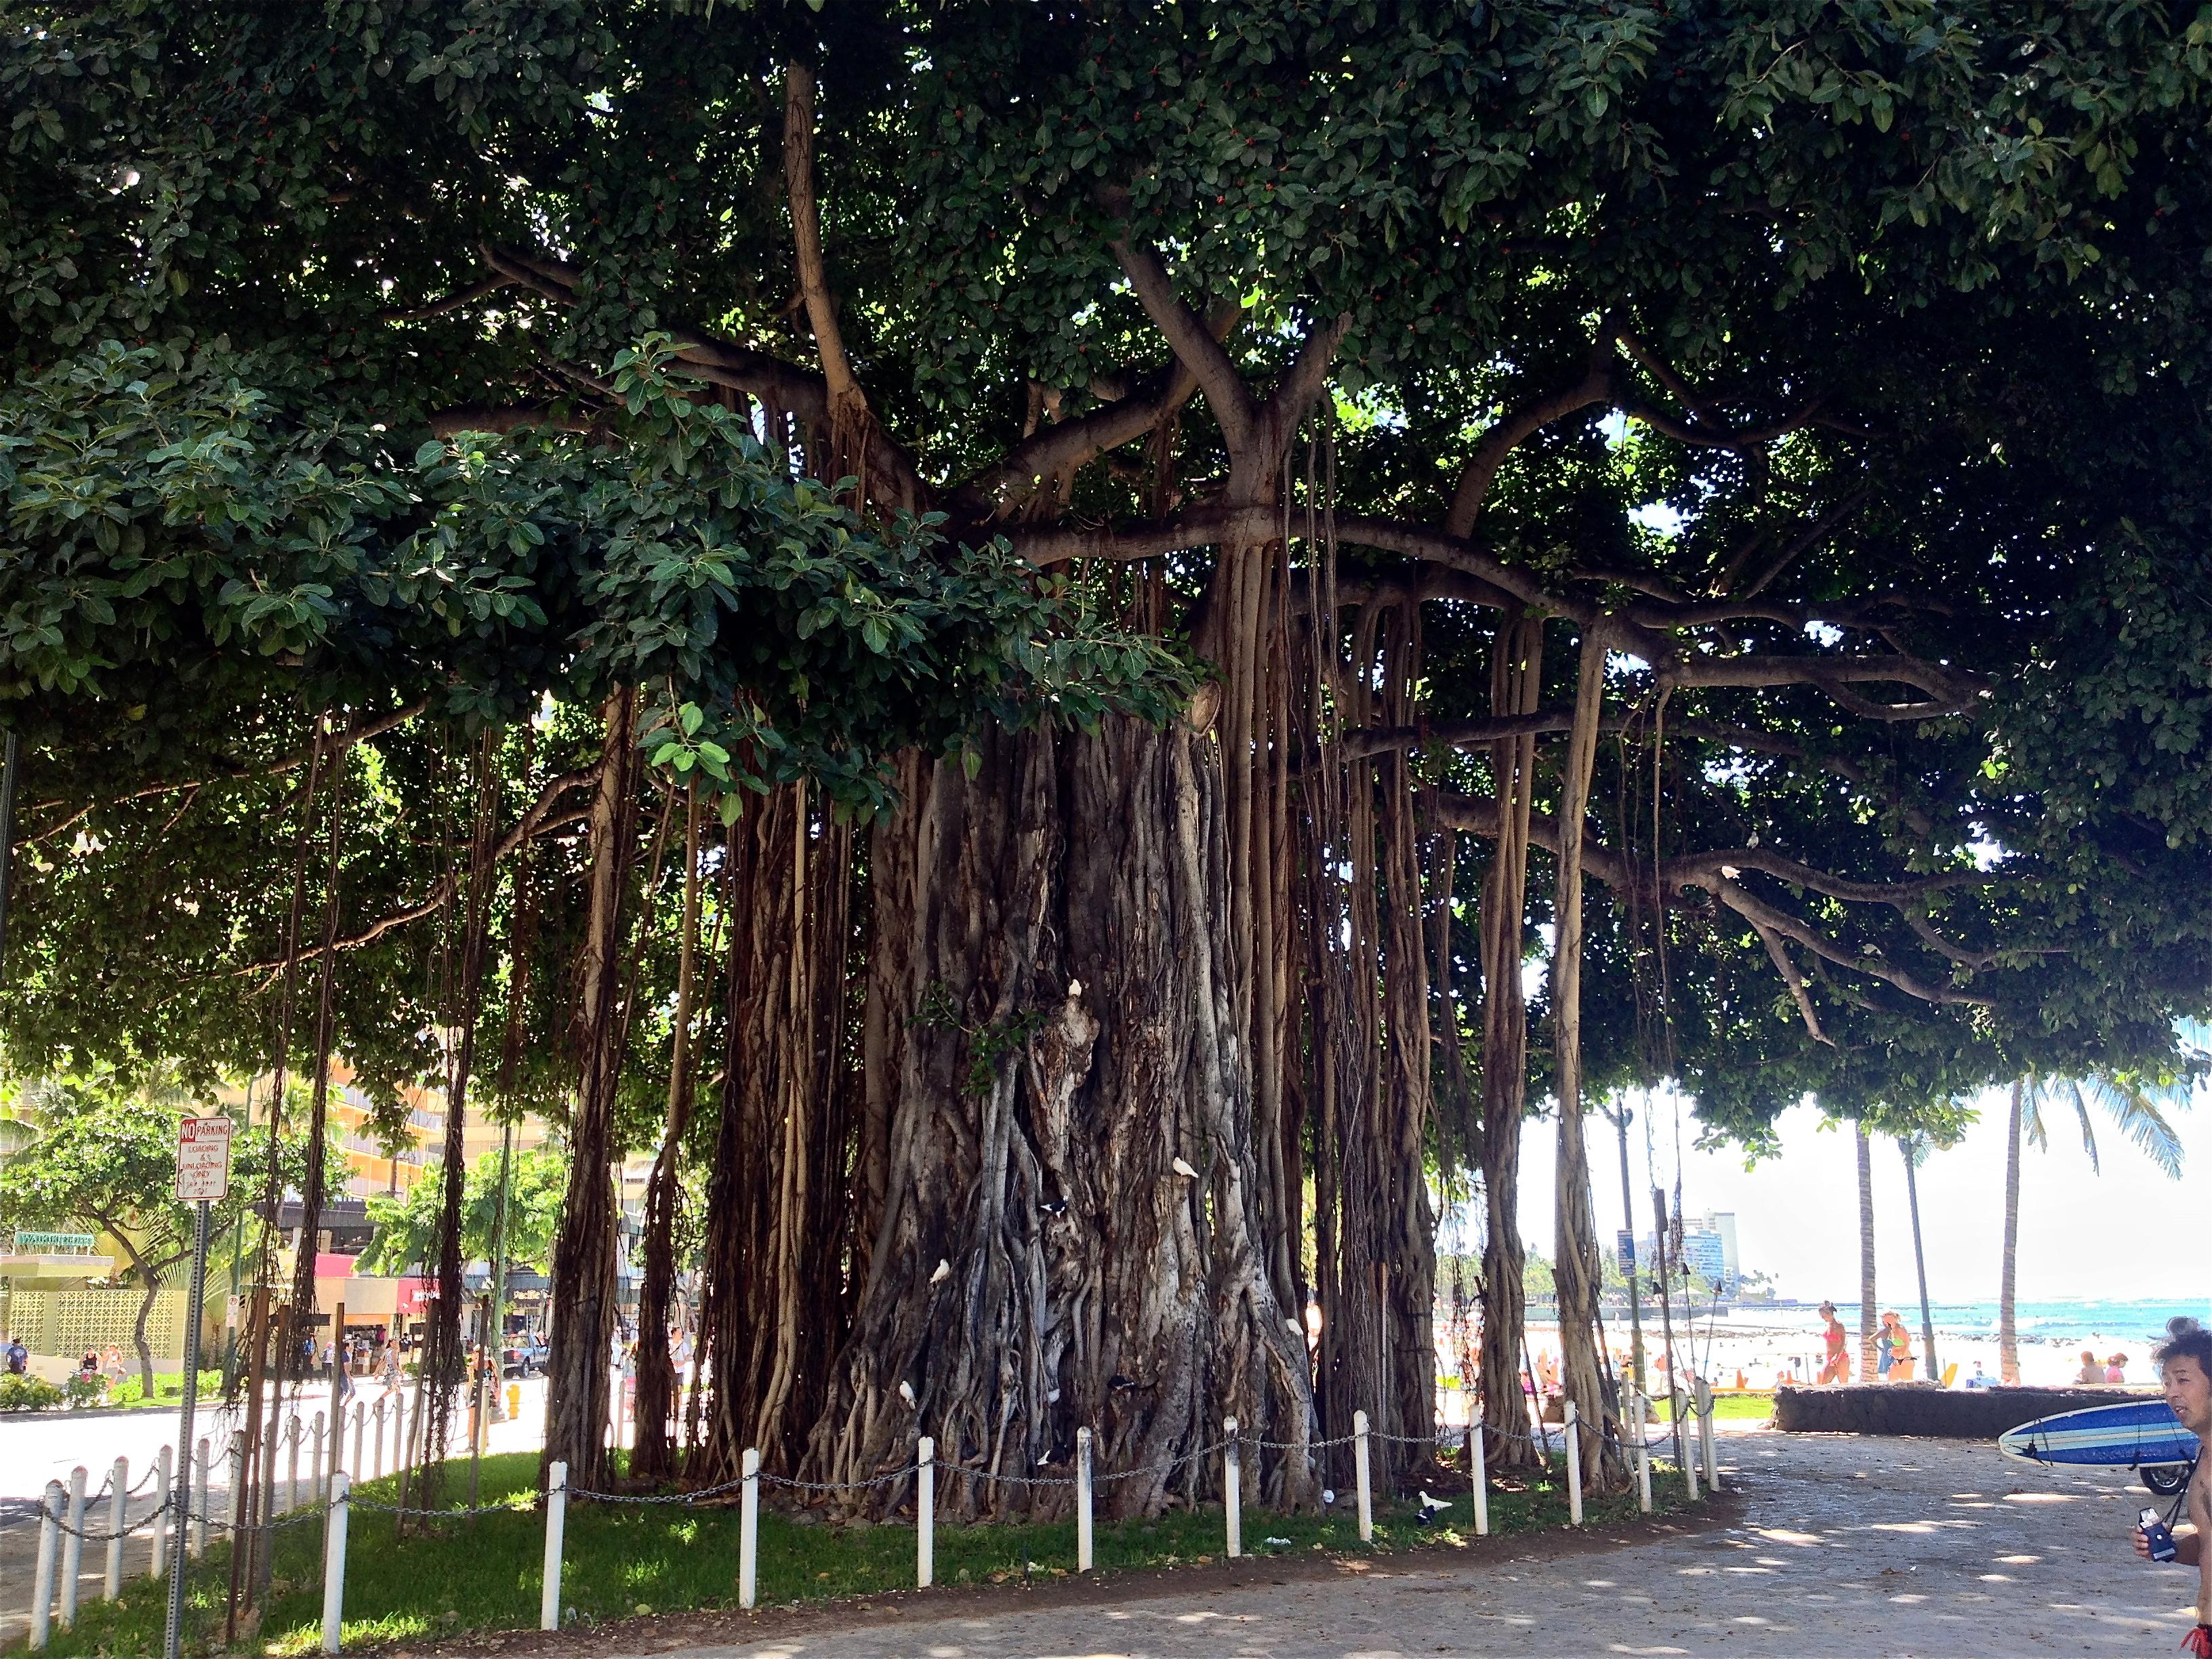 Waikiki Beach Banyan Tree By Gn4nw 2017